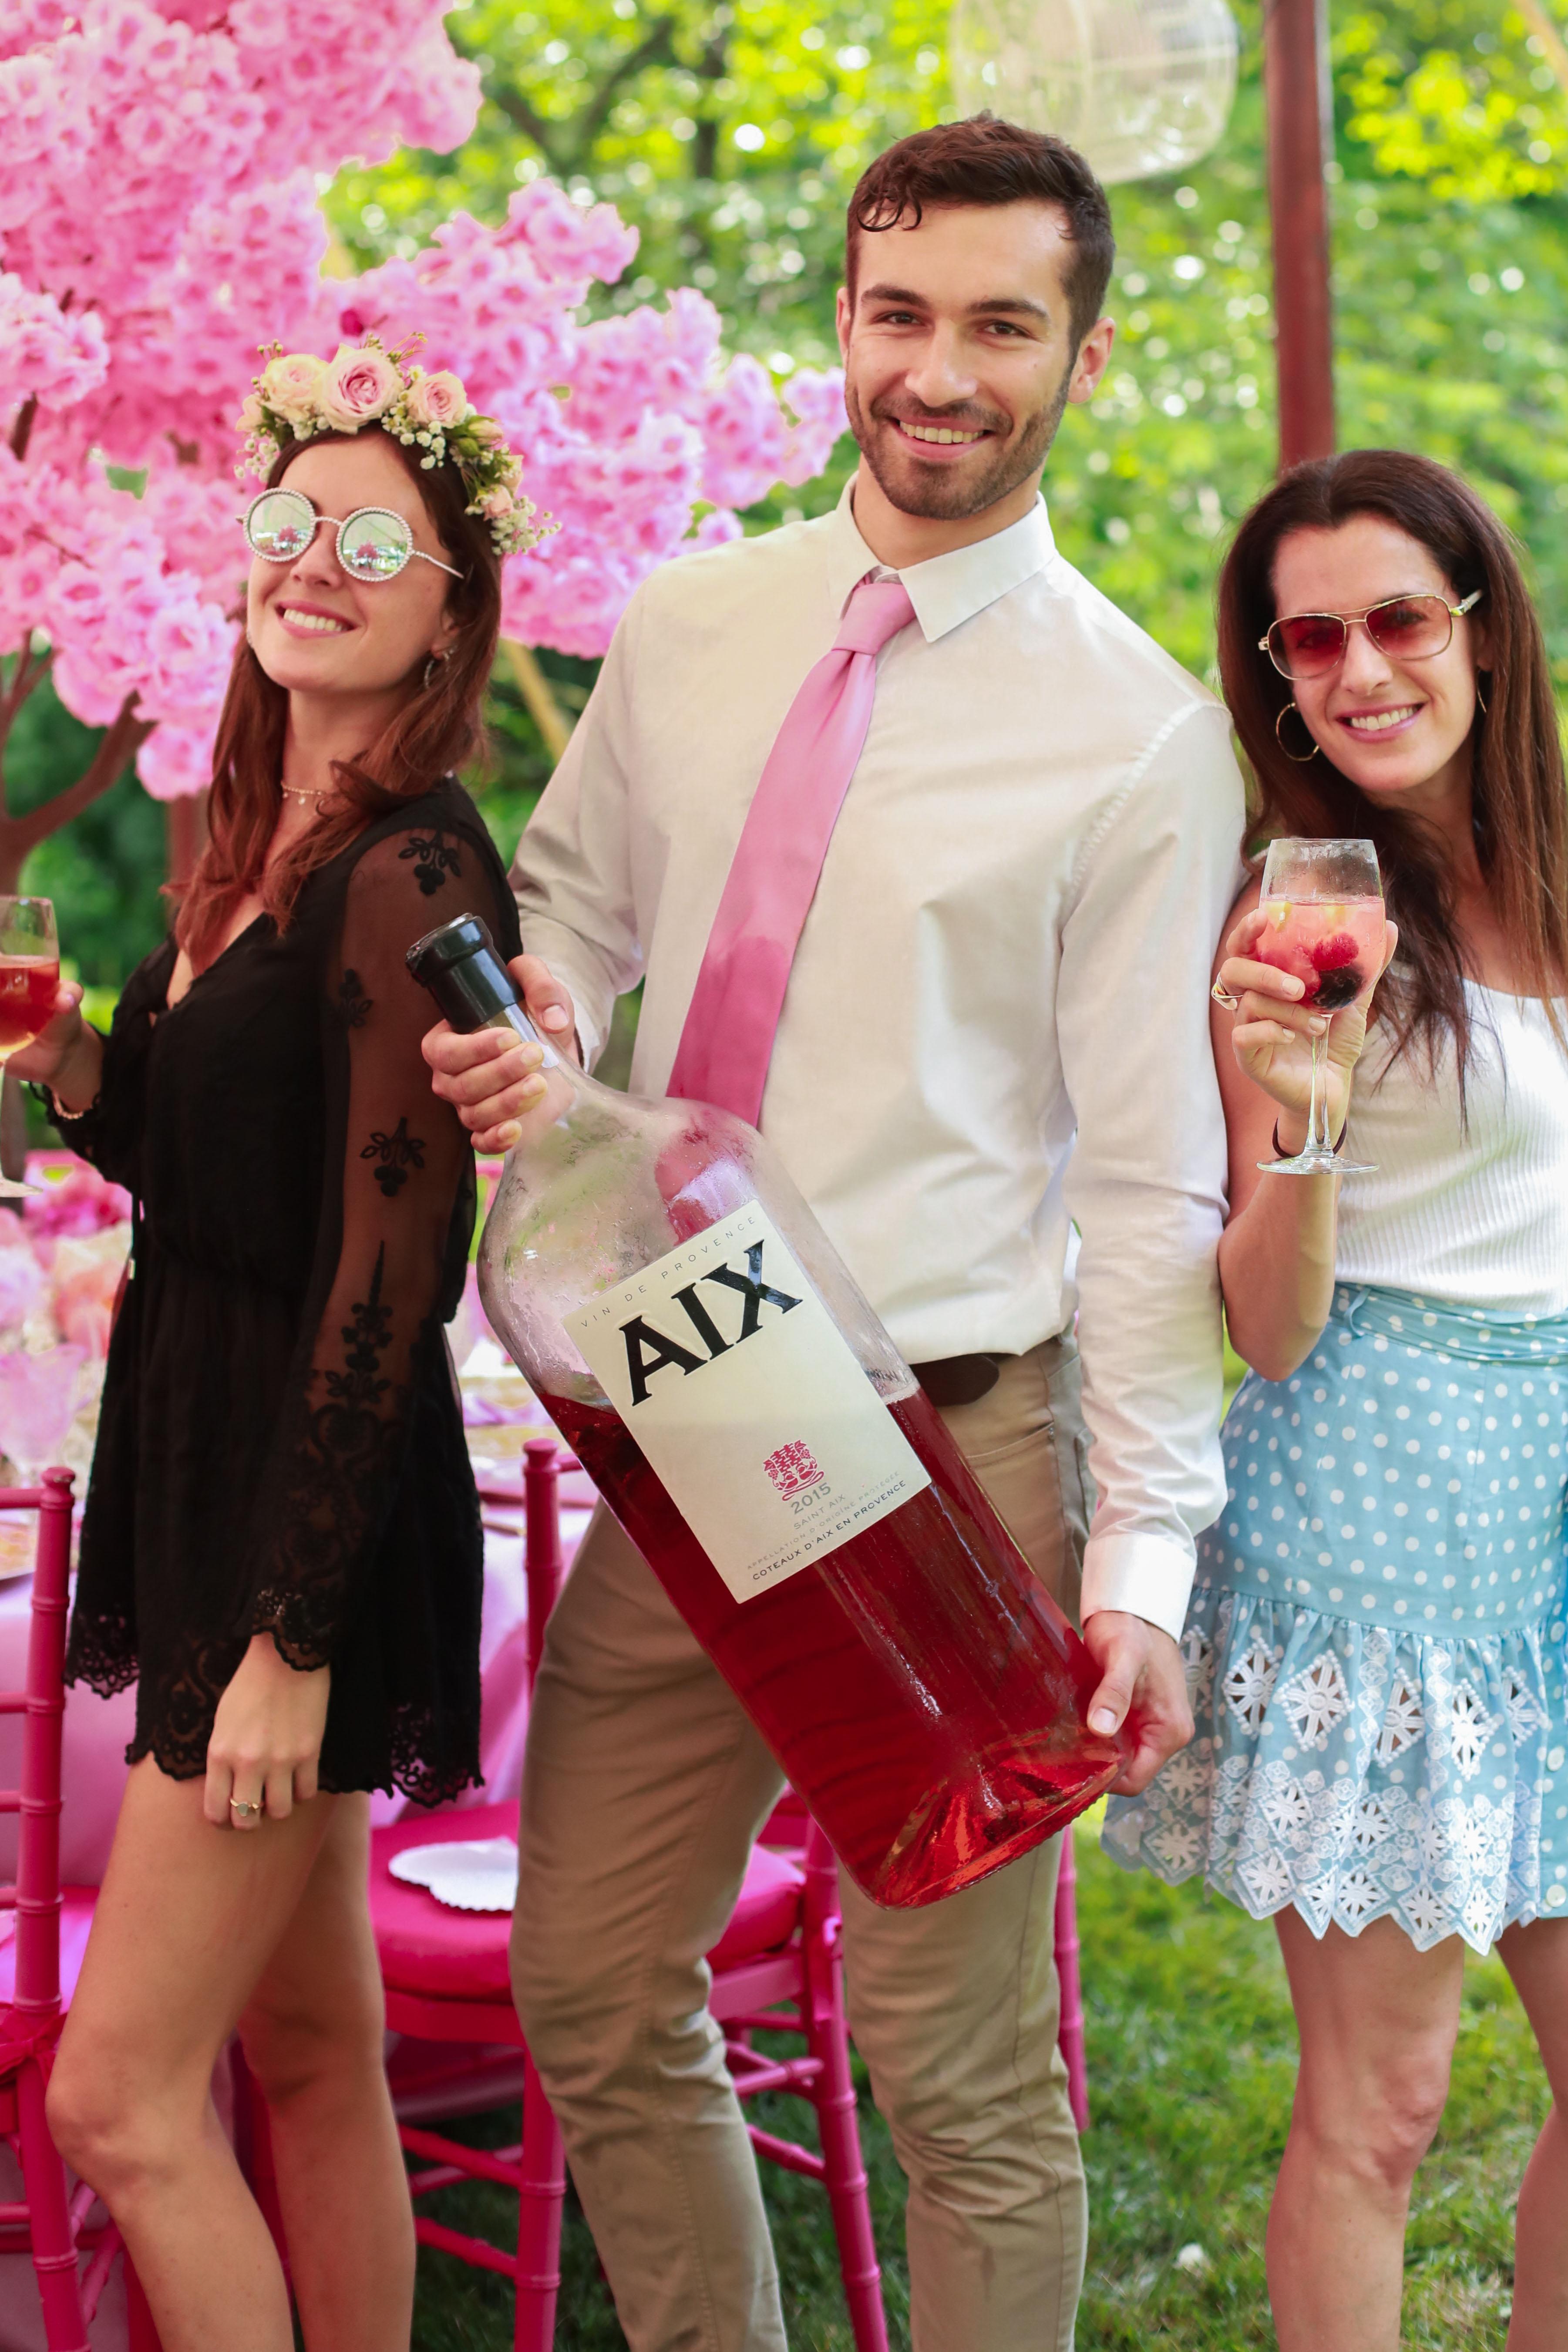 bridal shower guests enjoying large bottle wine